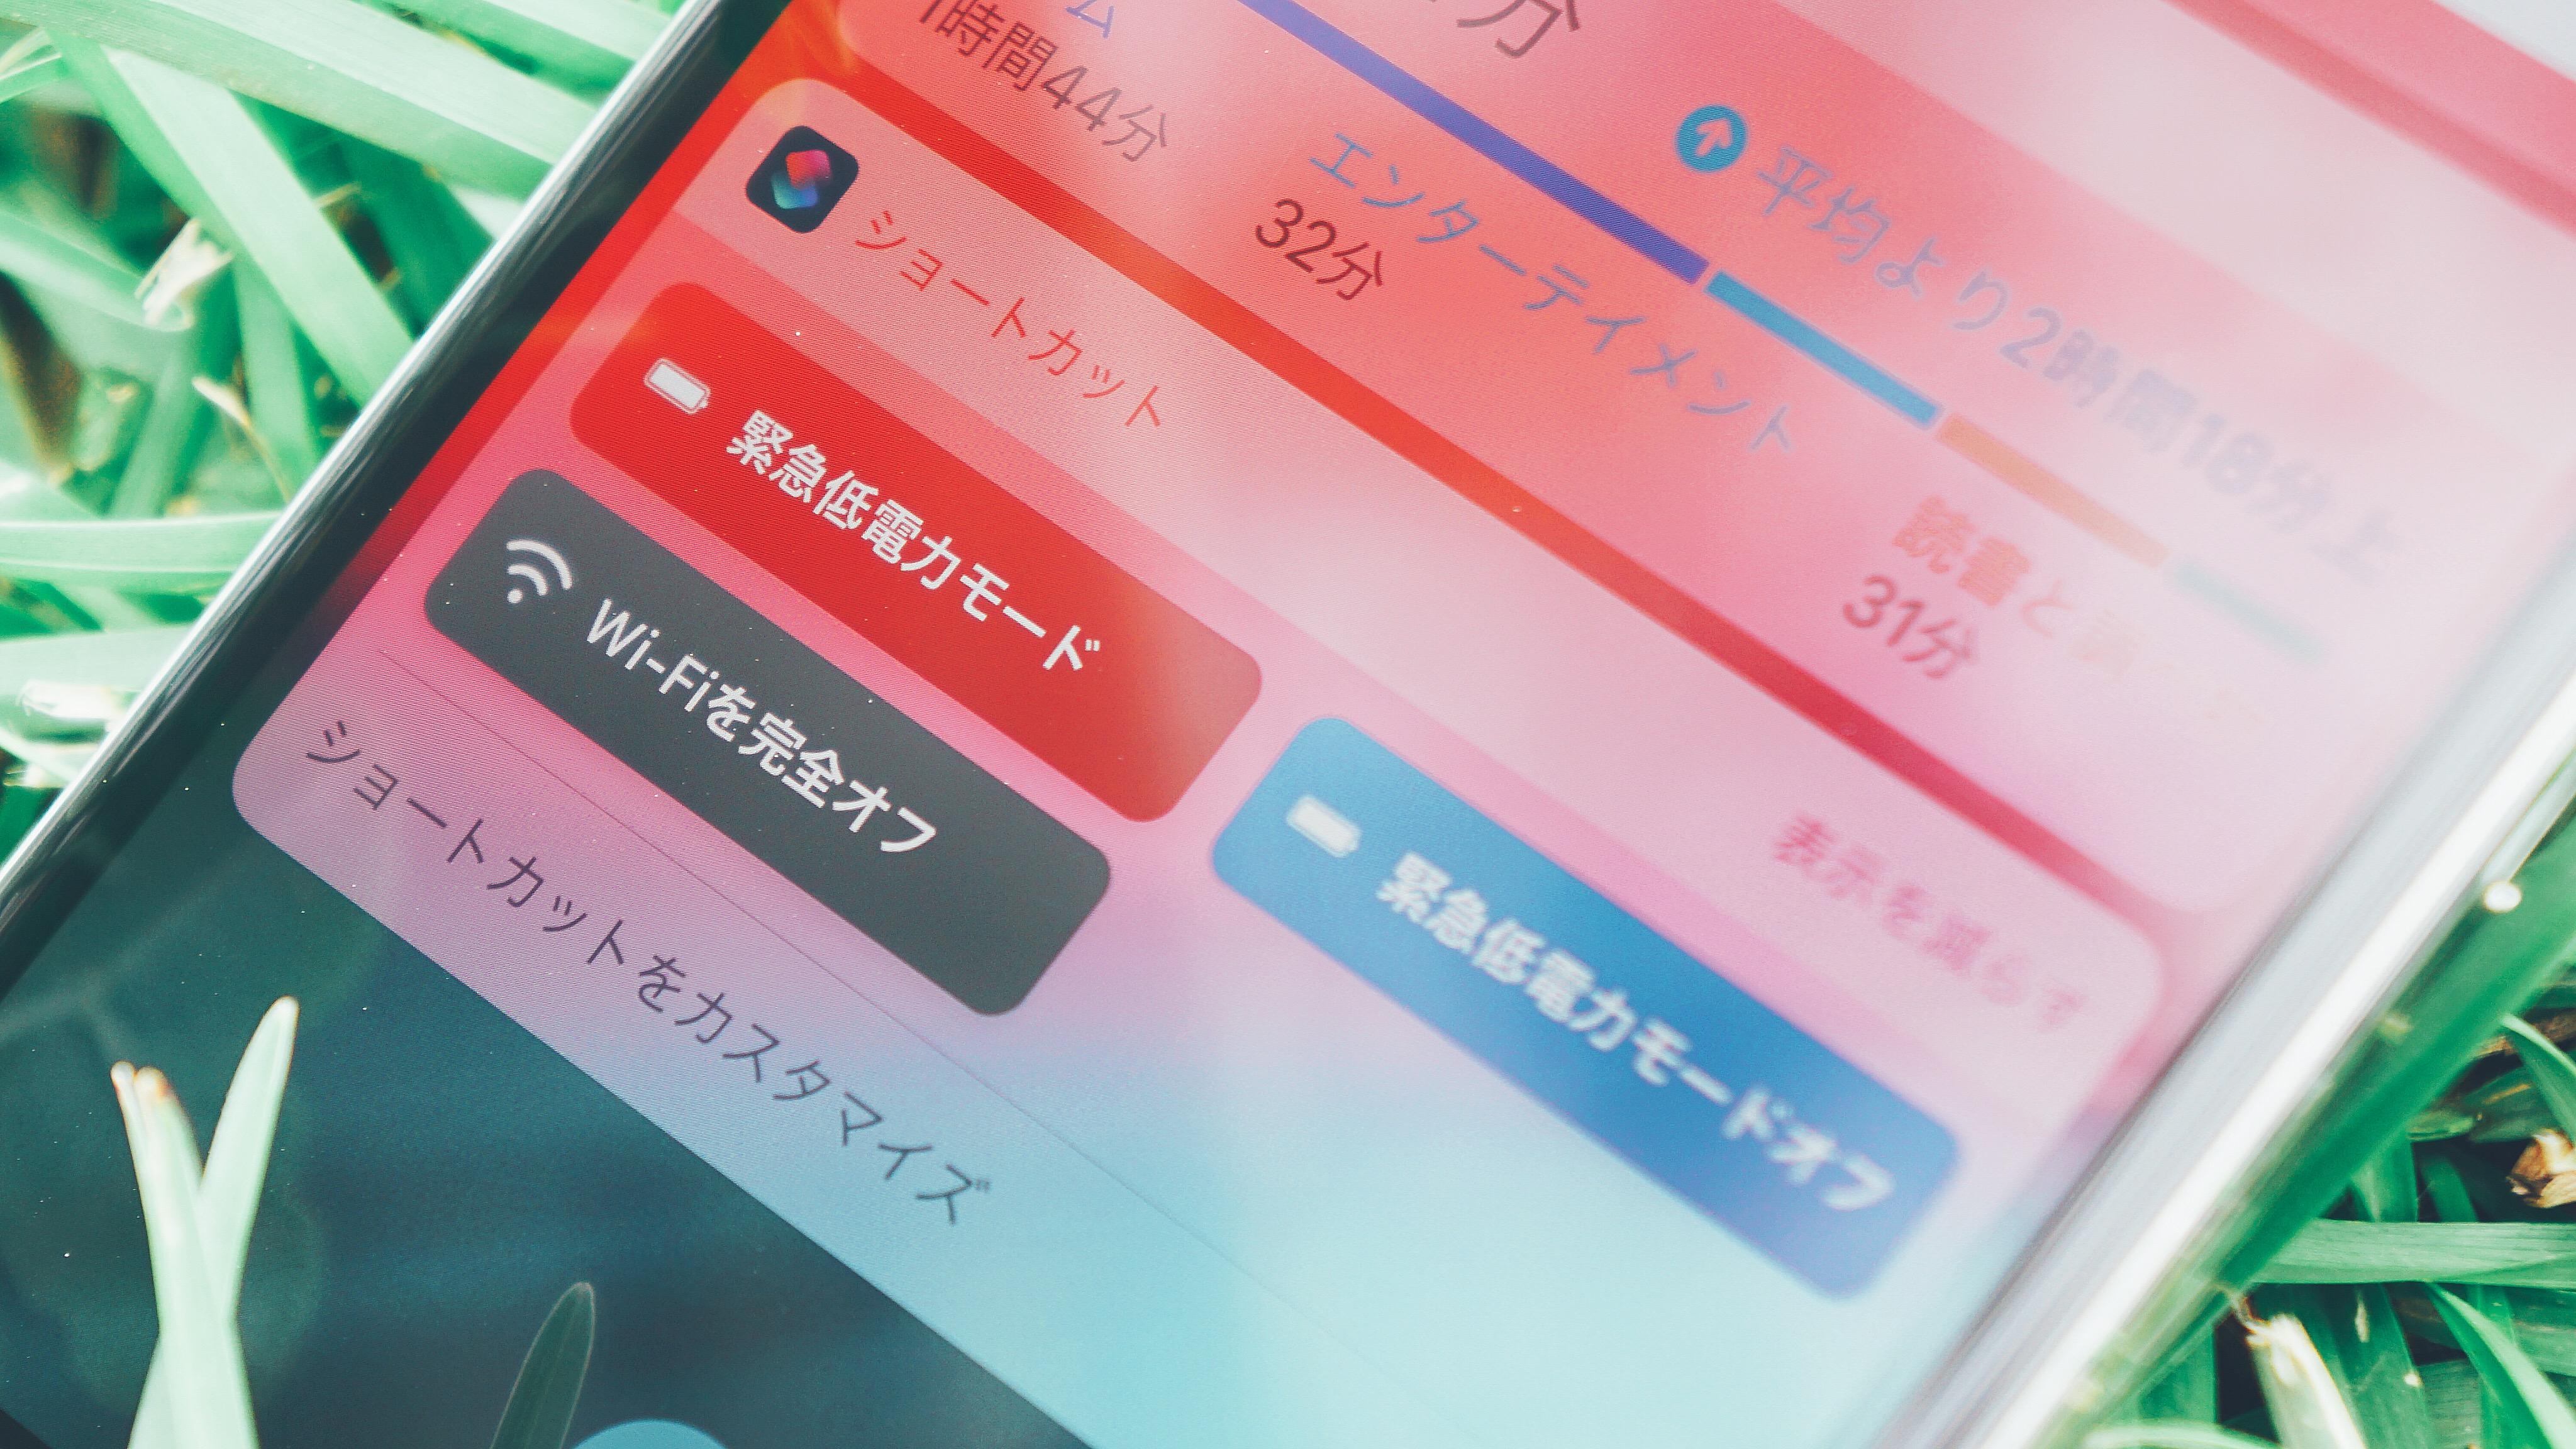 災害時に役立つiPhoneの「緊急低電力モード」をショートカットで作る